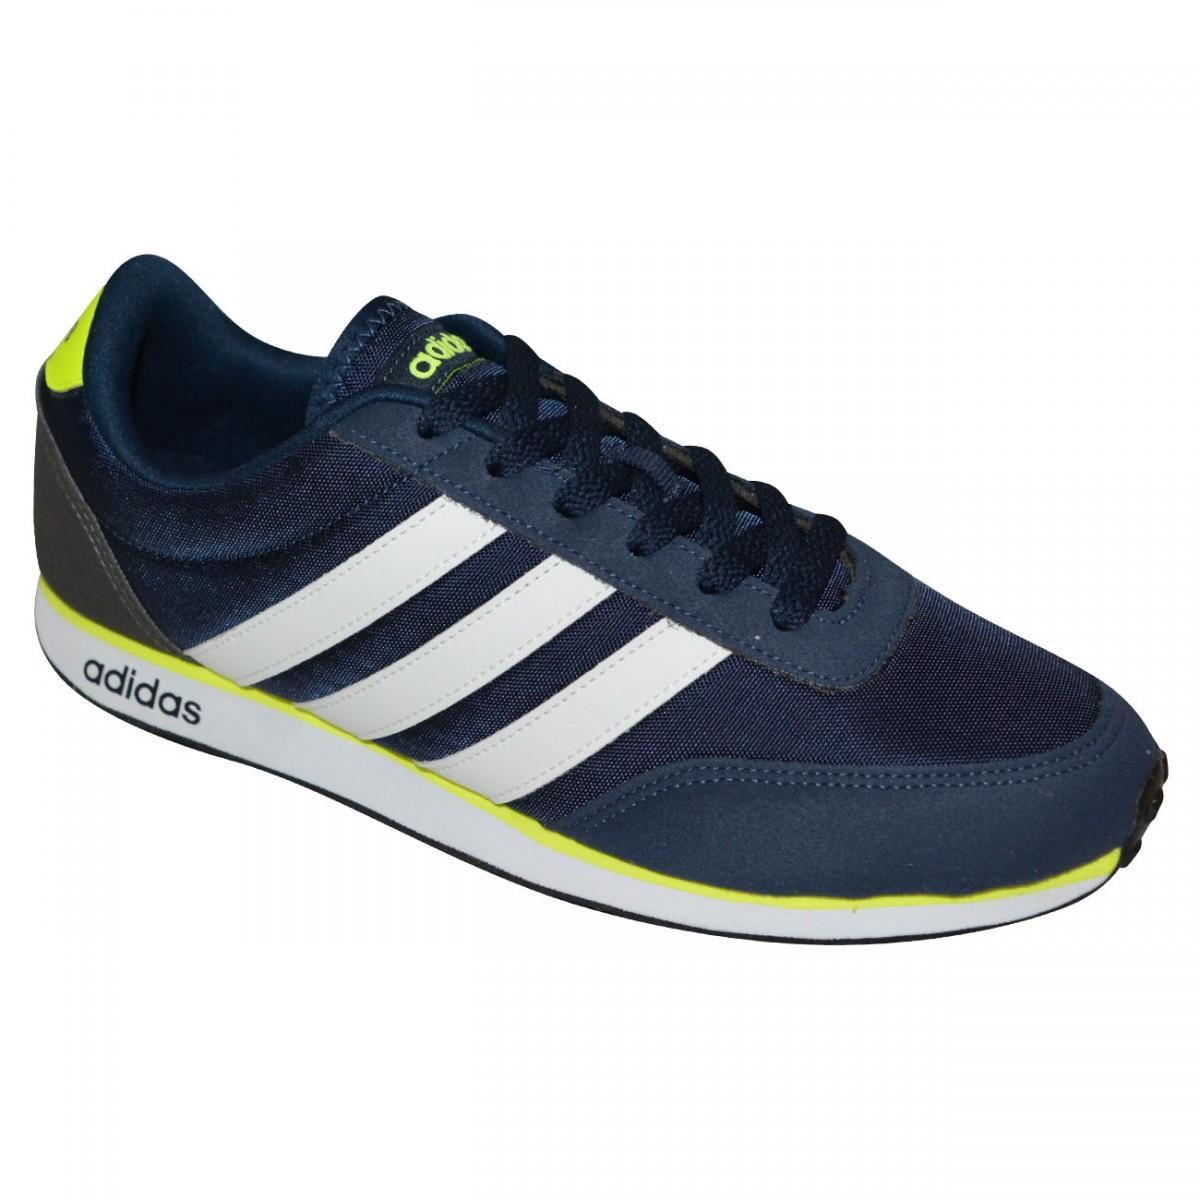 de42788e33d Tenis Adidas V Racer AW3881 - Marinho Branco Limão - Chuteira Nike ...